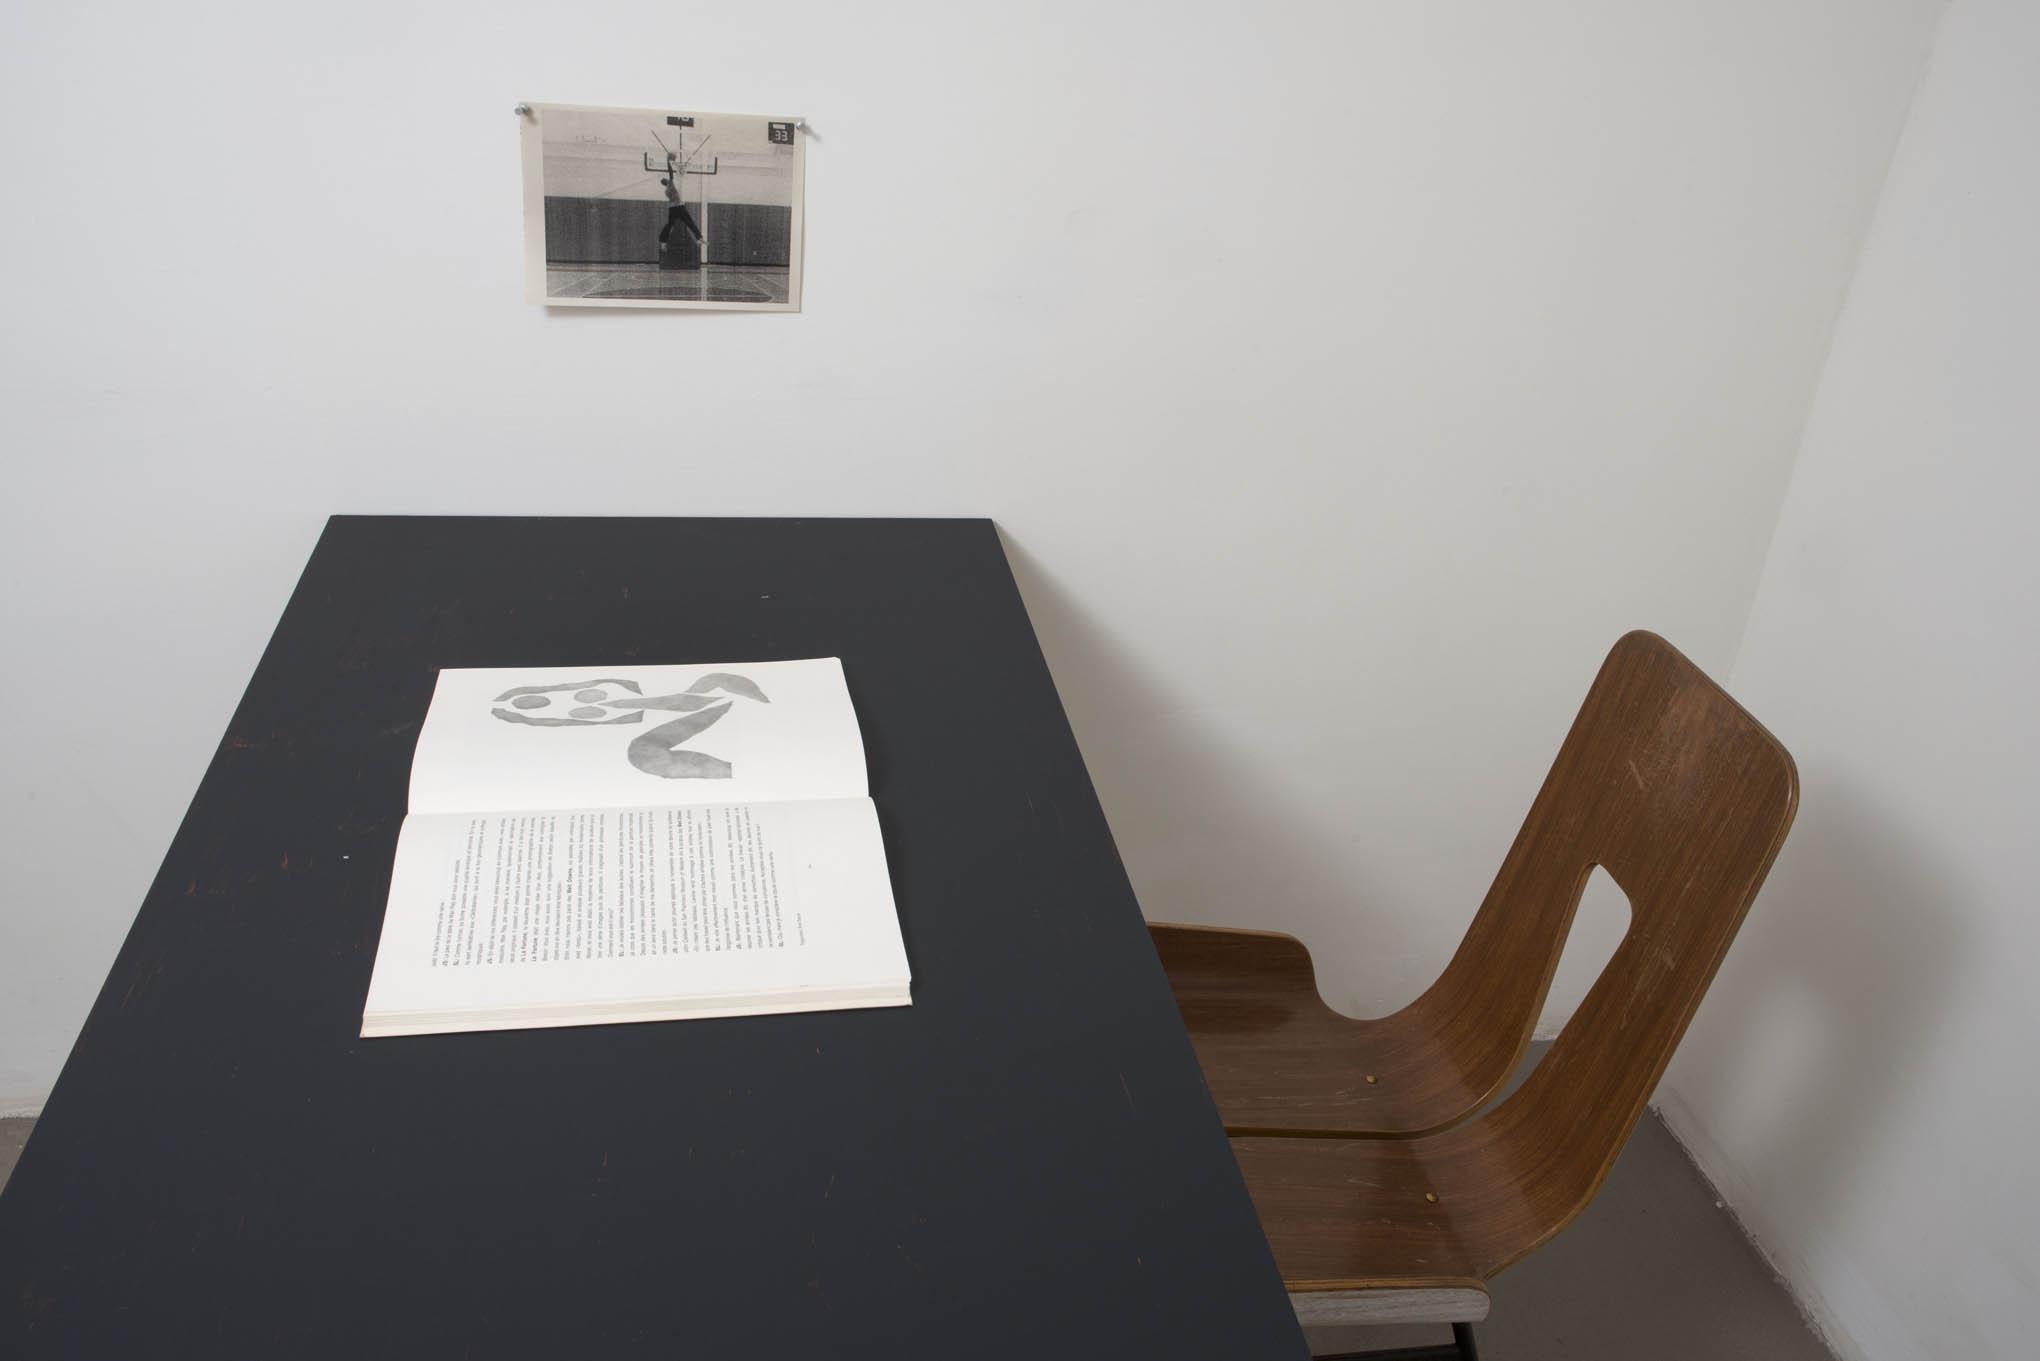 25. Consequences installation view at Fondazione Giuliani, Rome, 2015, photo Giorgio Benni